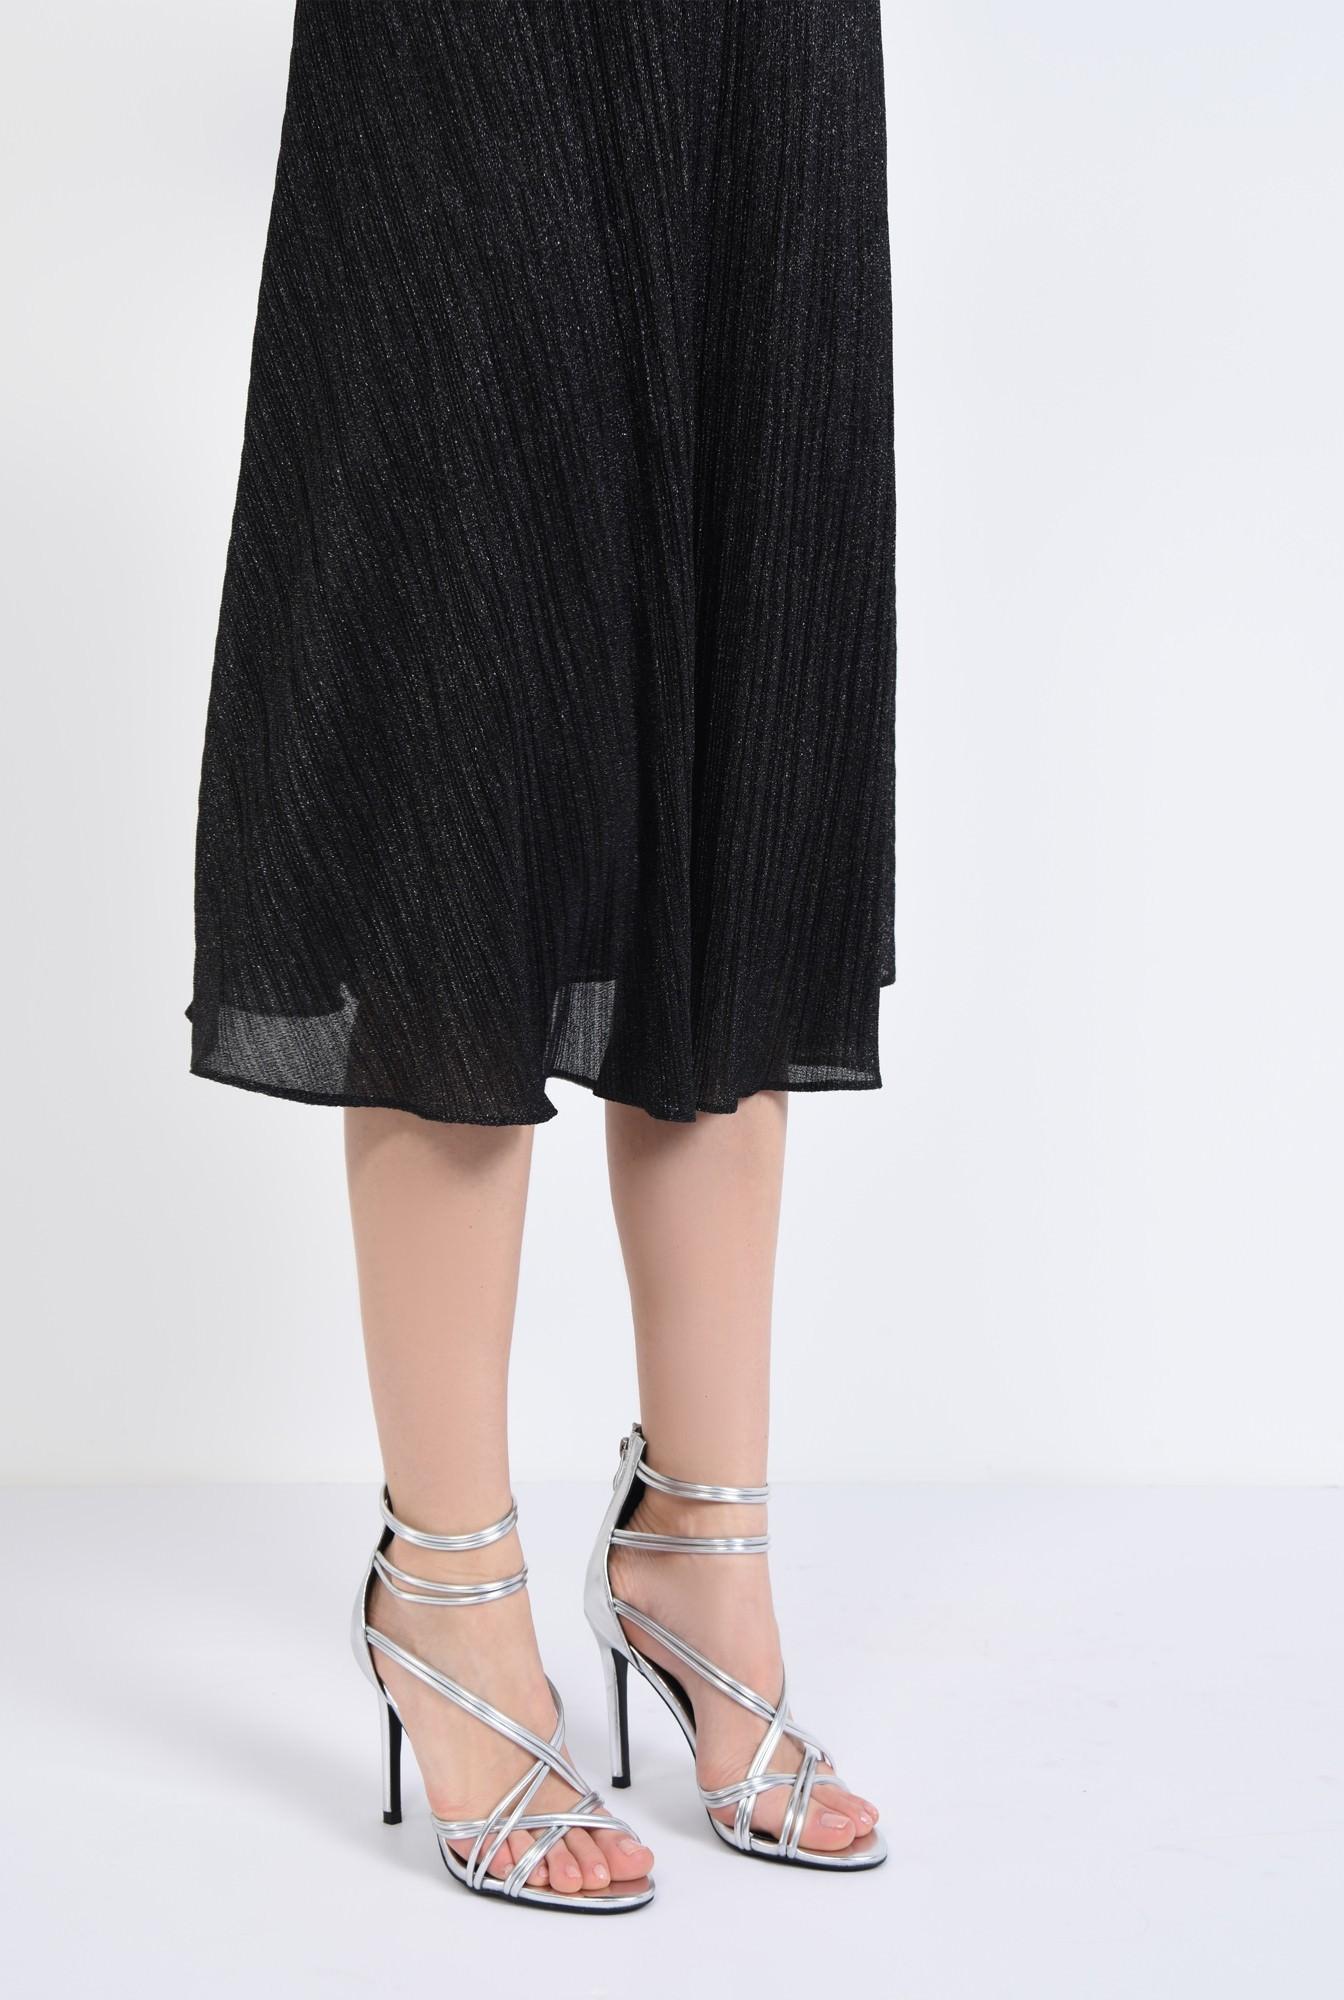 4 - sandale elegante, argintii, stiletto